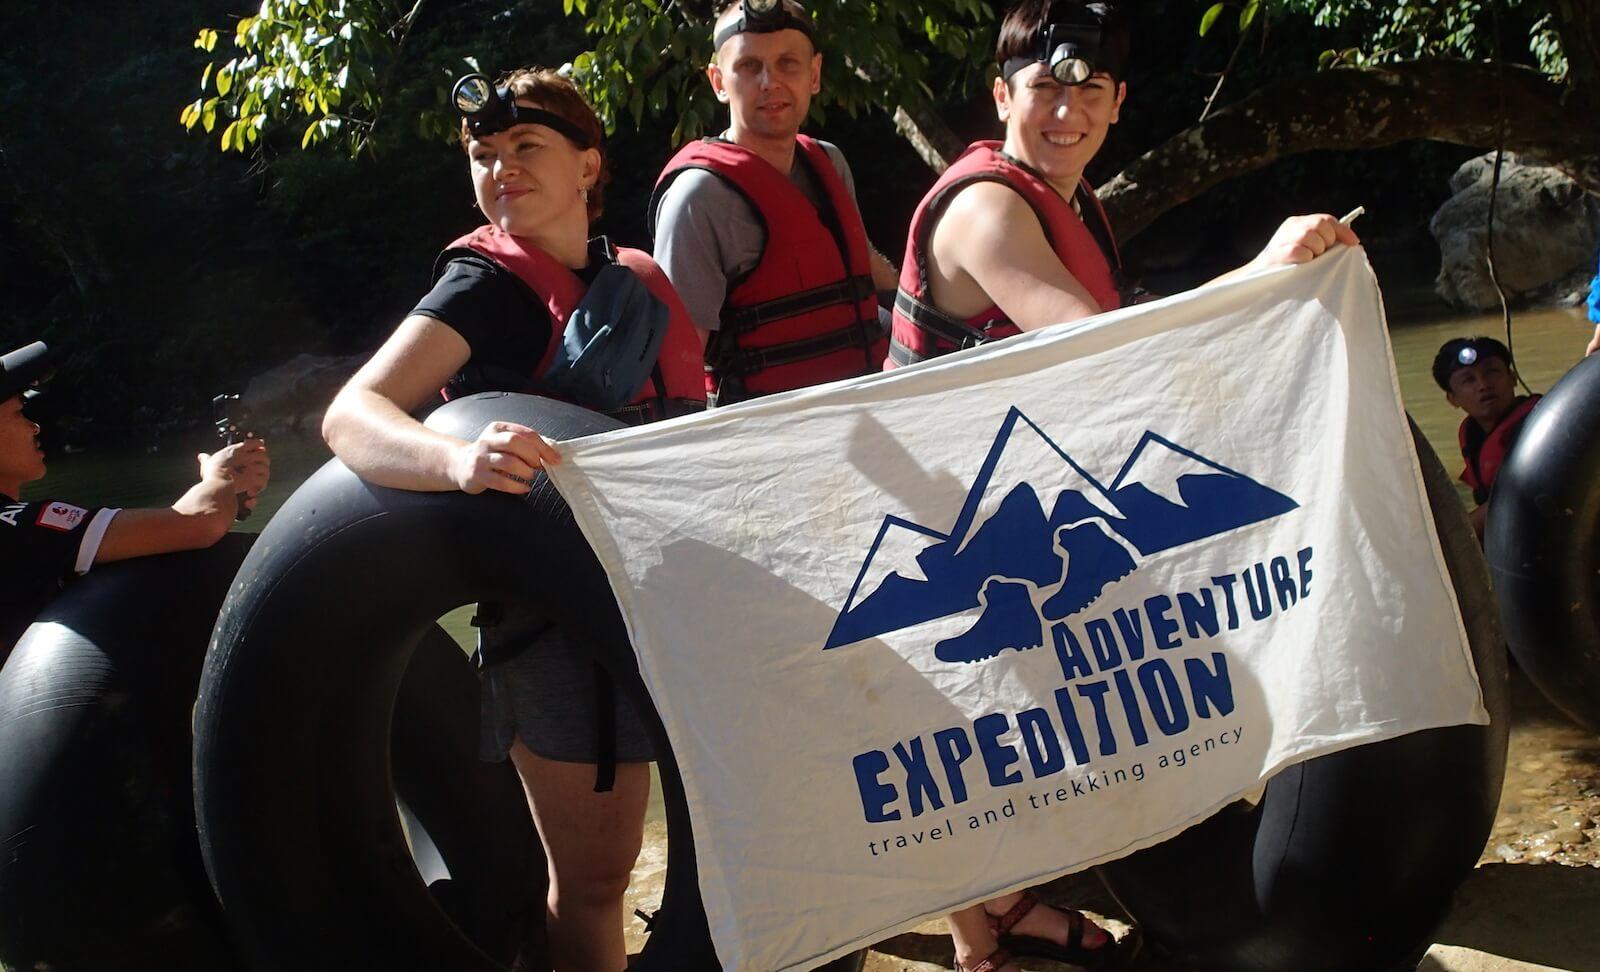 Nasza grupa adventure przed spływem na dętkach do jaskini - fot. Jerzy Kostrzewa